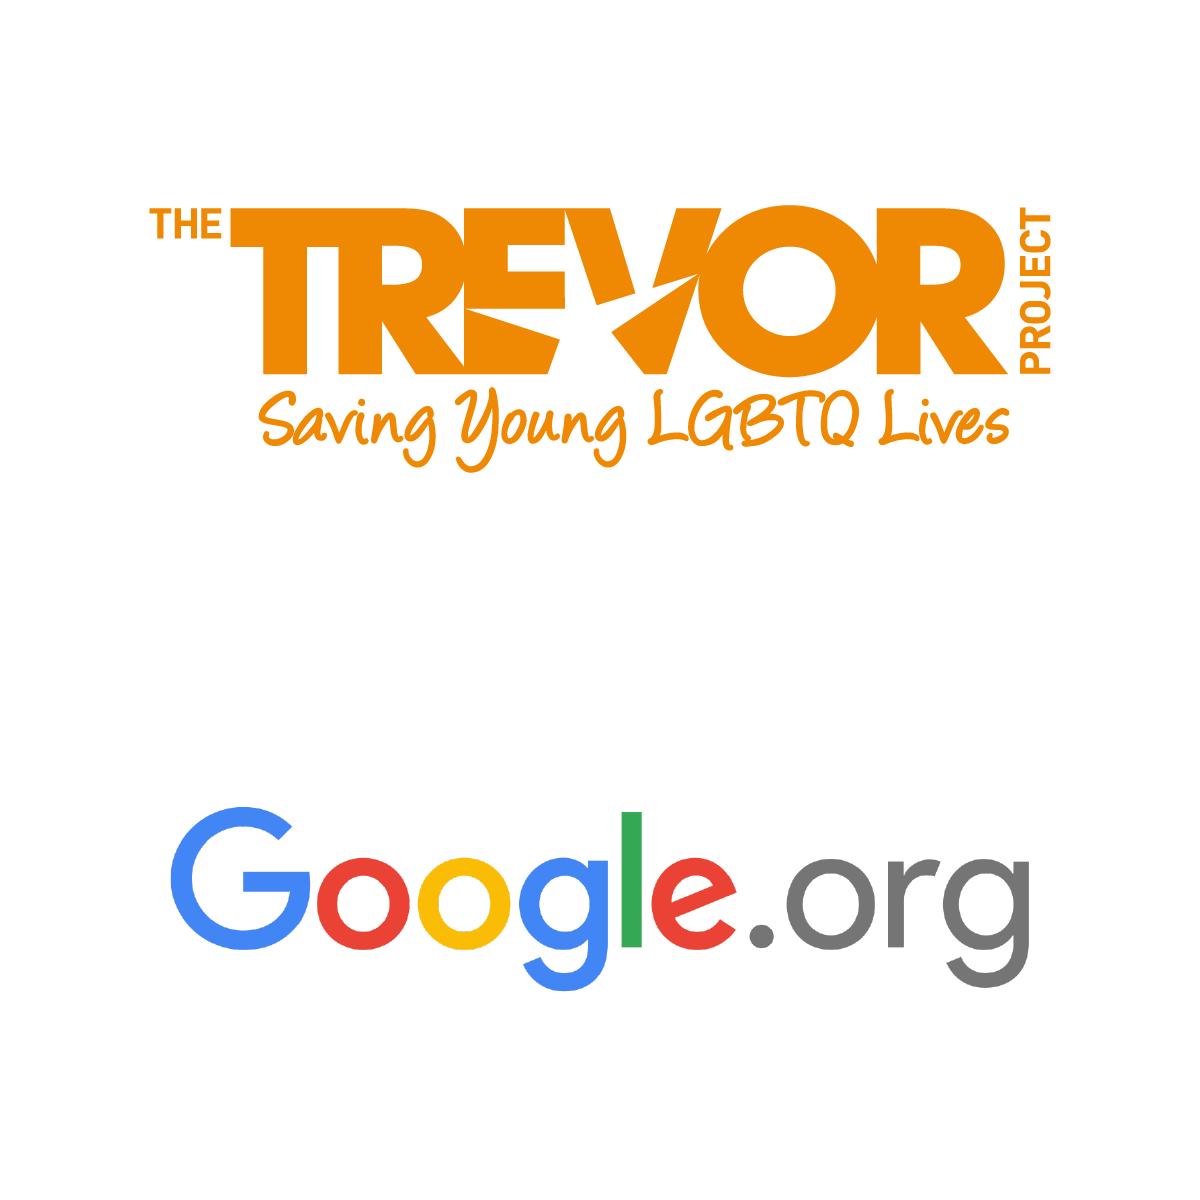 Image result for suicide prevention Google project Trevor